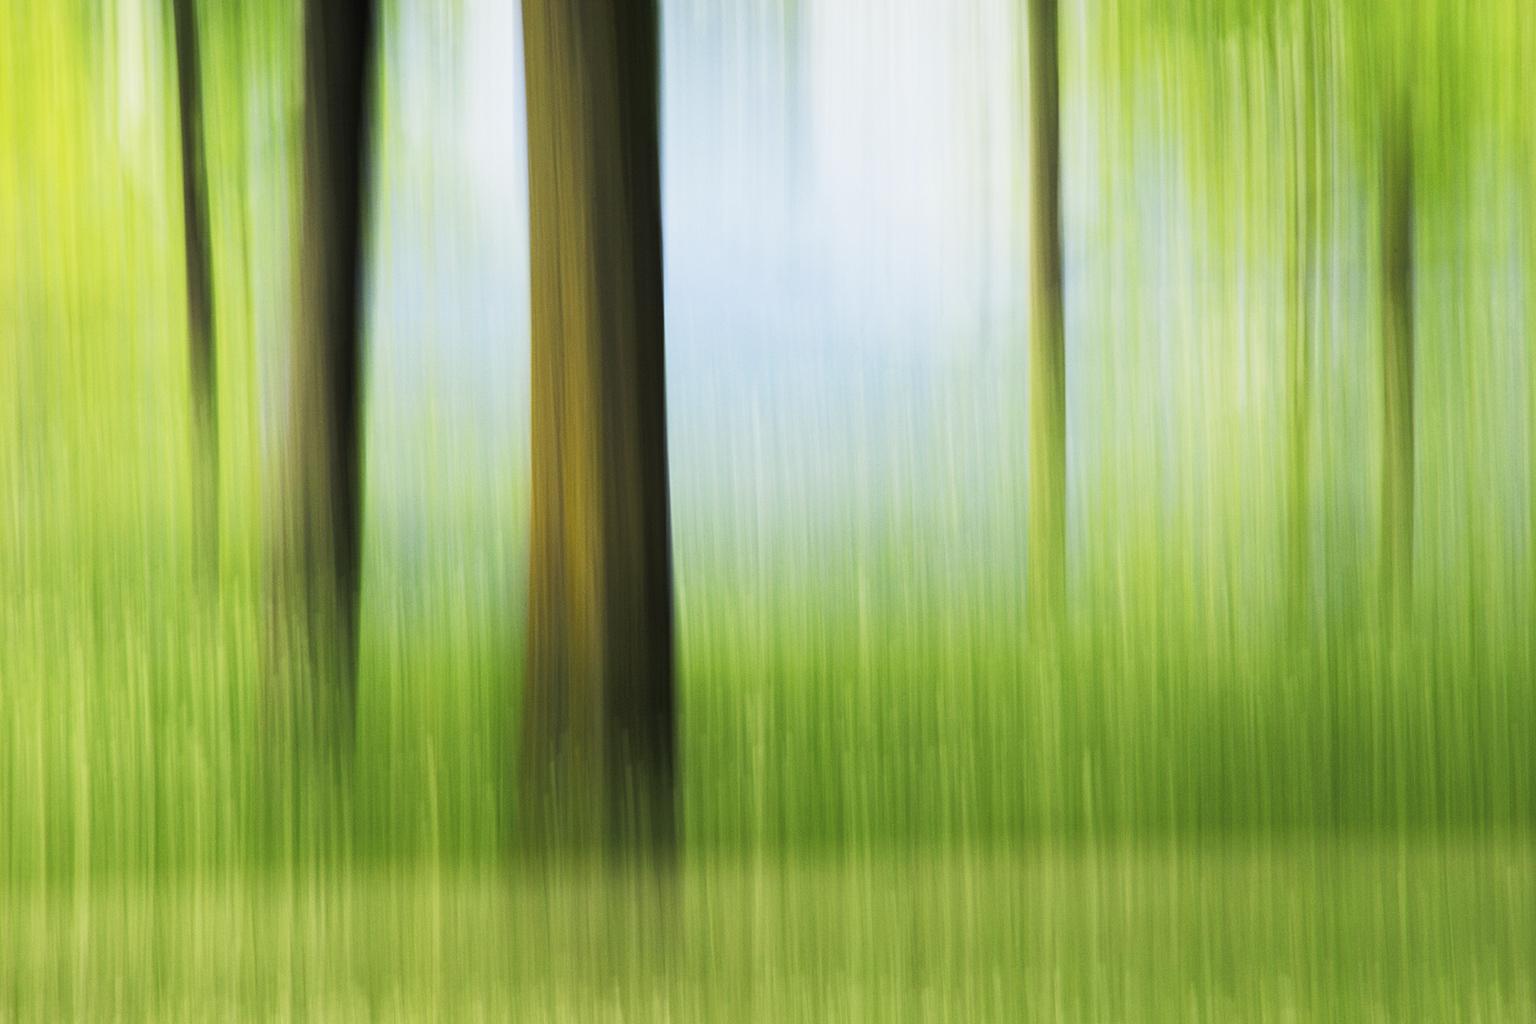 TREE SCENIC